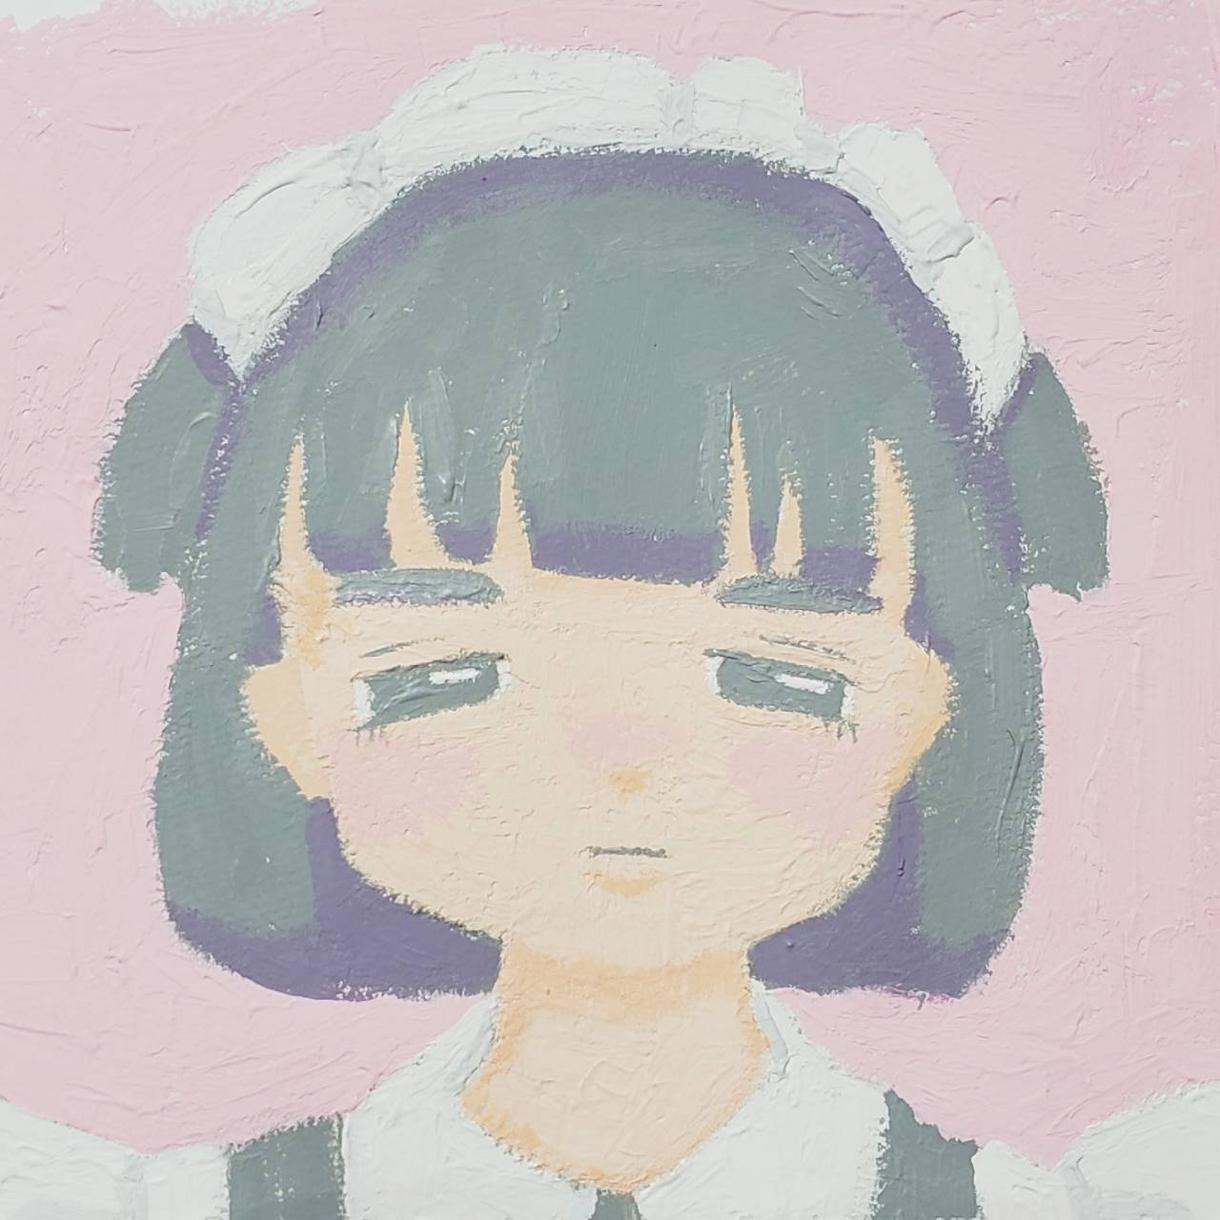 イメージに合う絵を描きます アナログ、デジタルでイメージに沿った女の子を描きます!